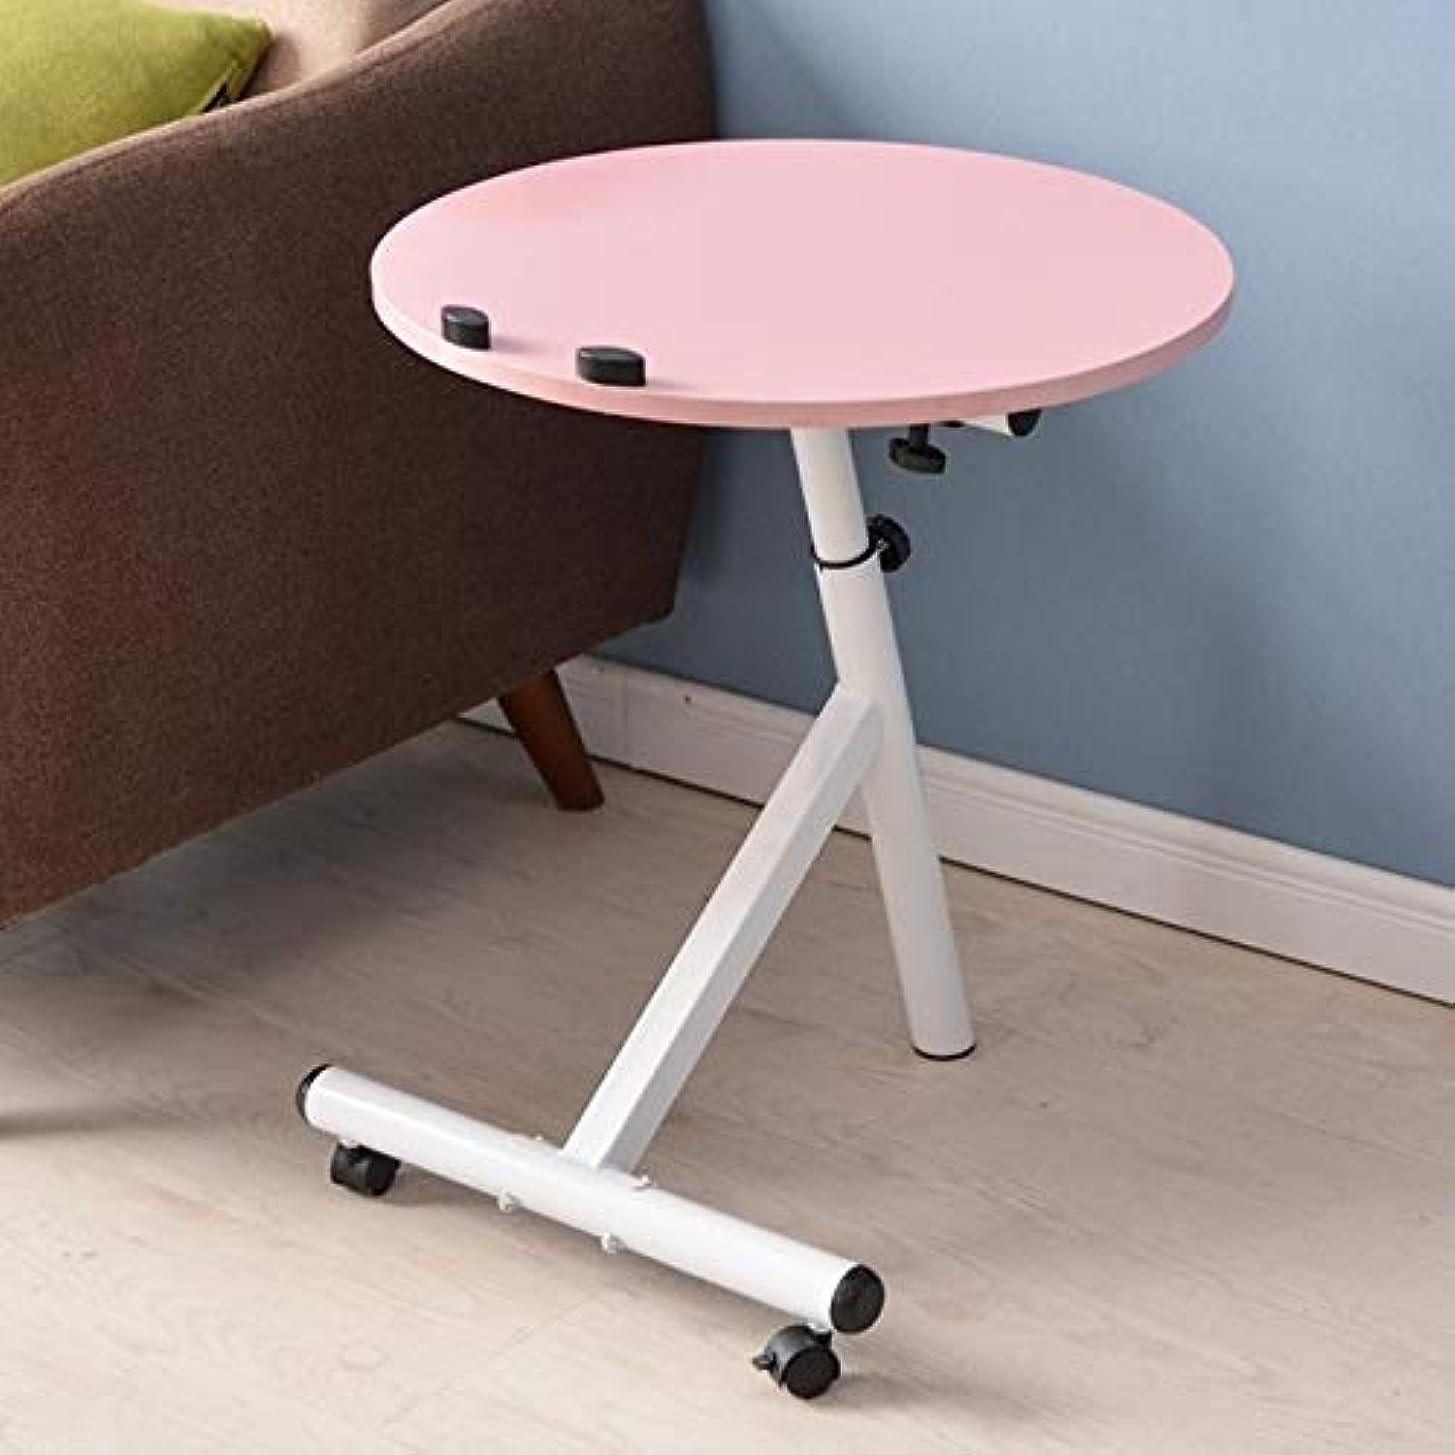 アンドリューハリディハンバーガーアームストロング創造的なデザインの取り外し可能なコーヒーテーブルモダンなミニマリスト多機能リビングルームコーヒーテーブル(ブラック) for home (色 : ピンク)